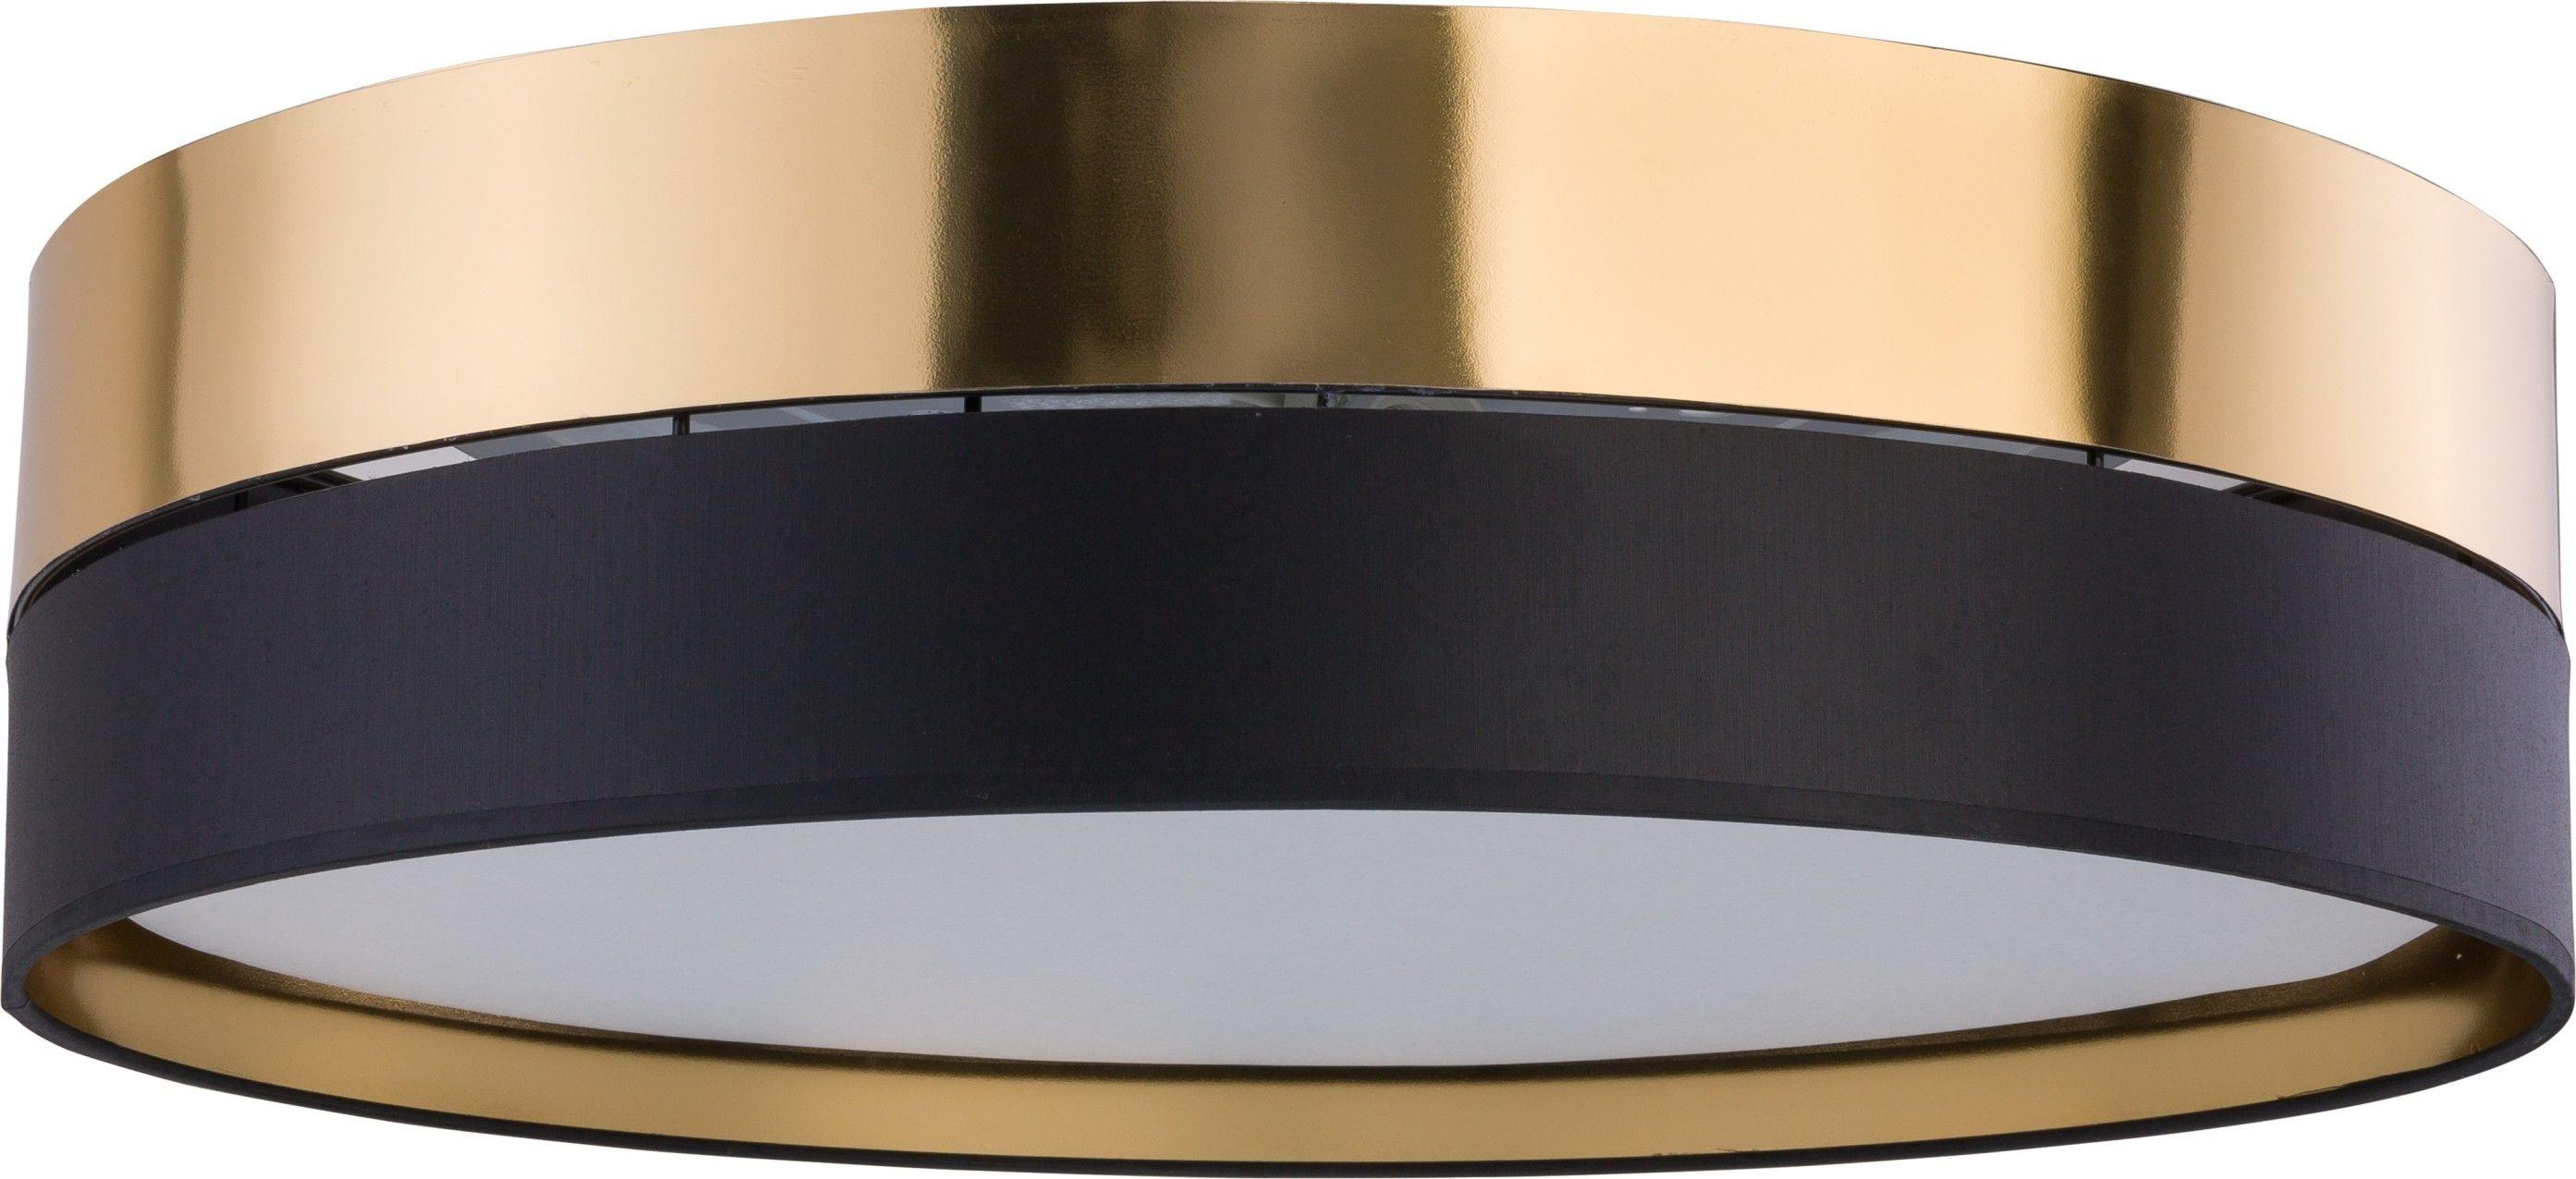 Plafon Hilton 45cm czarno złoty 4 punktowy 4180 - TK Lighting // Rabaty w koszyku i darmowa dostawa od 299zł !